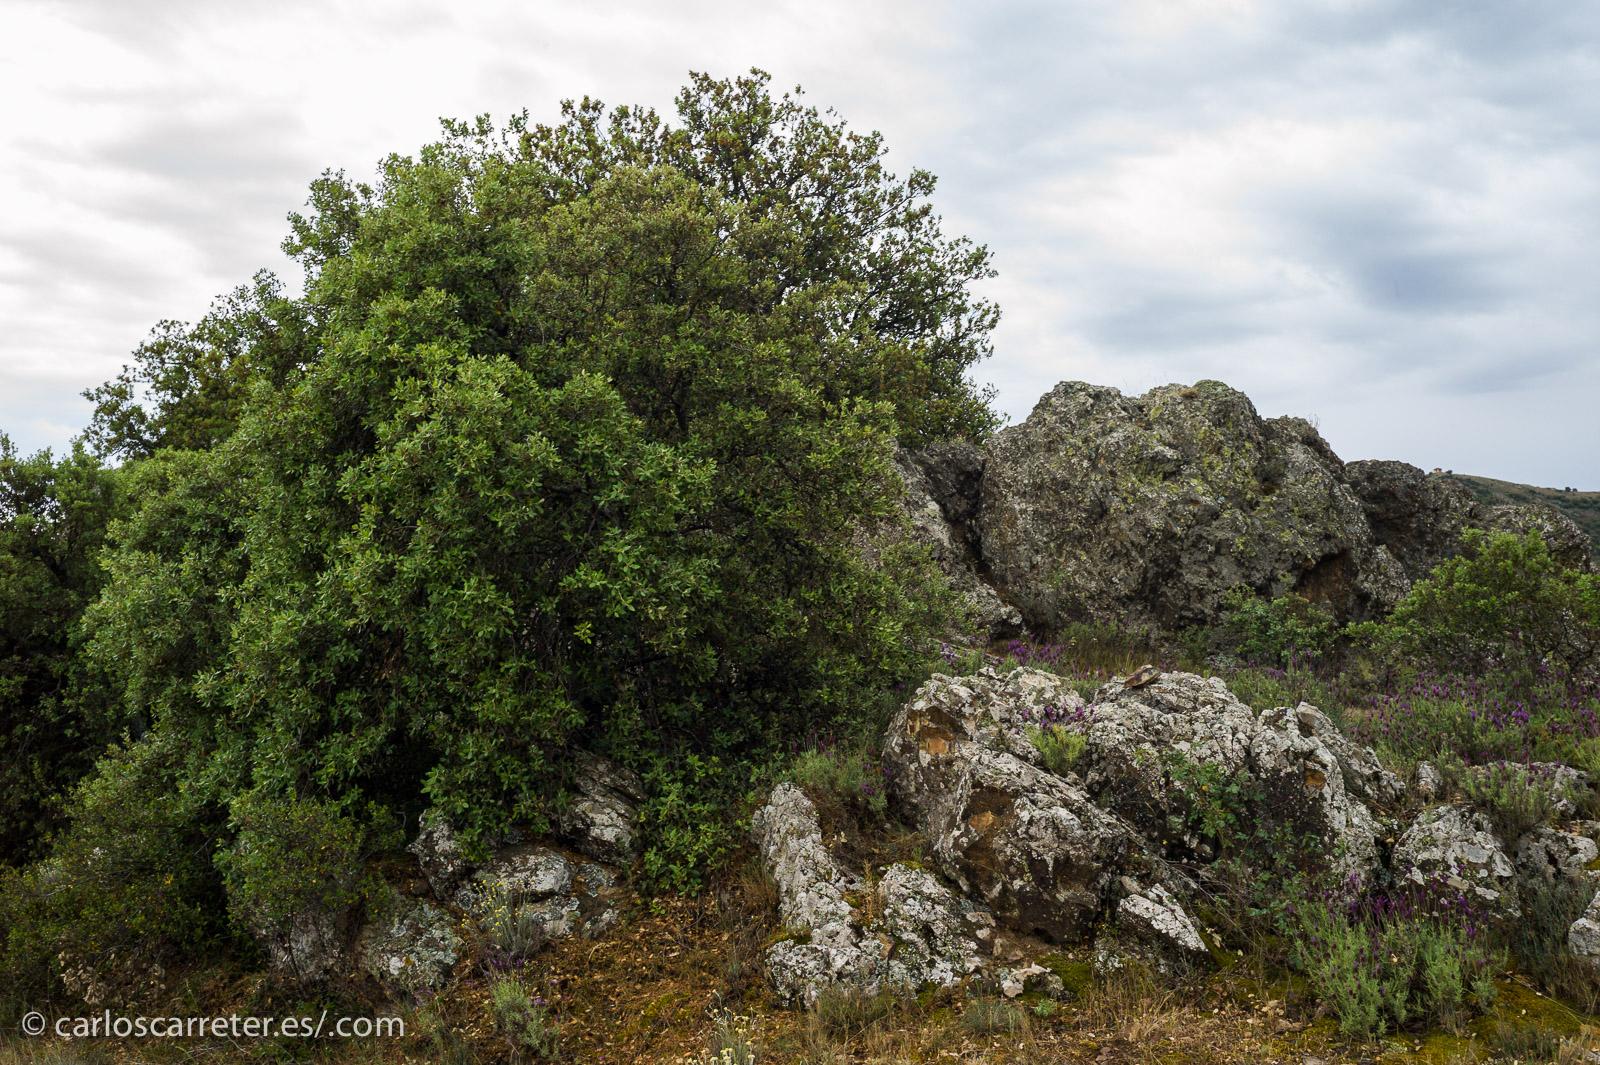 En principio, el planeta Tierra es bastante acogedor dentro de lo que cabe; y no le falta belleza como en estas vistas de la sierra de Algairén, Aragón (España).